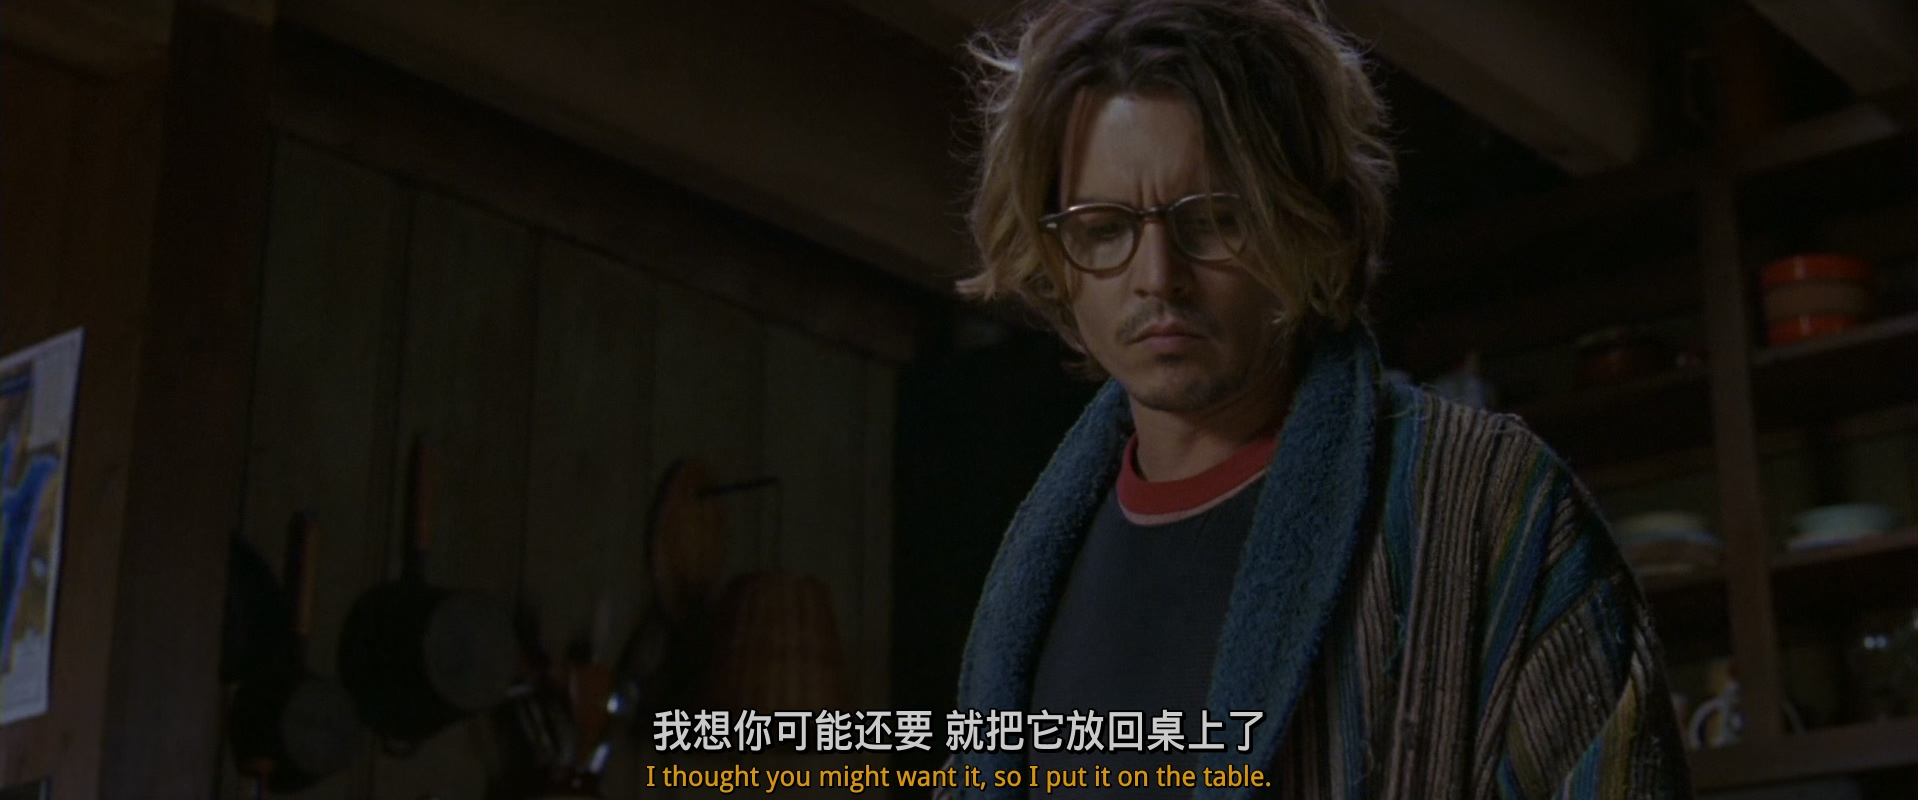 悠悠MP4_MP4电影下载_[秘窗][BD-MKV/5.02GB][英语中英字幕][1080p]